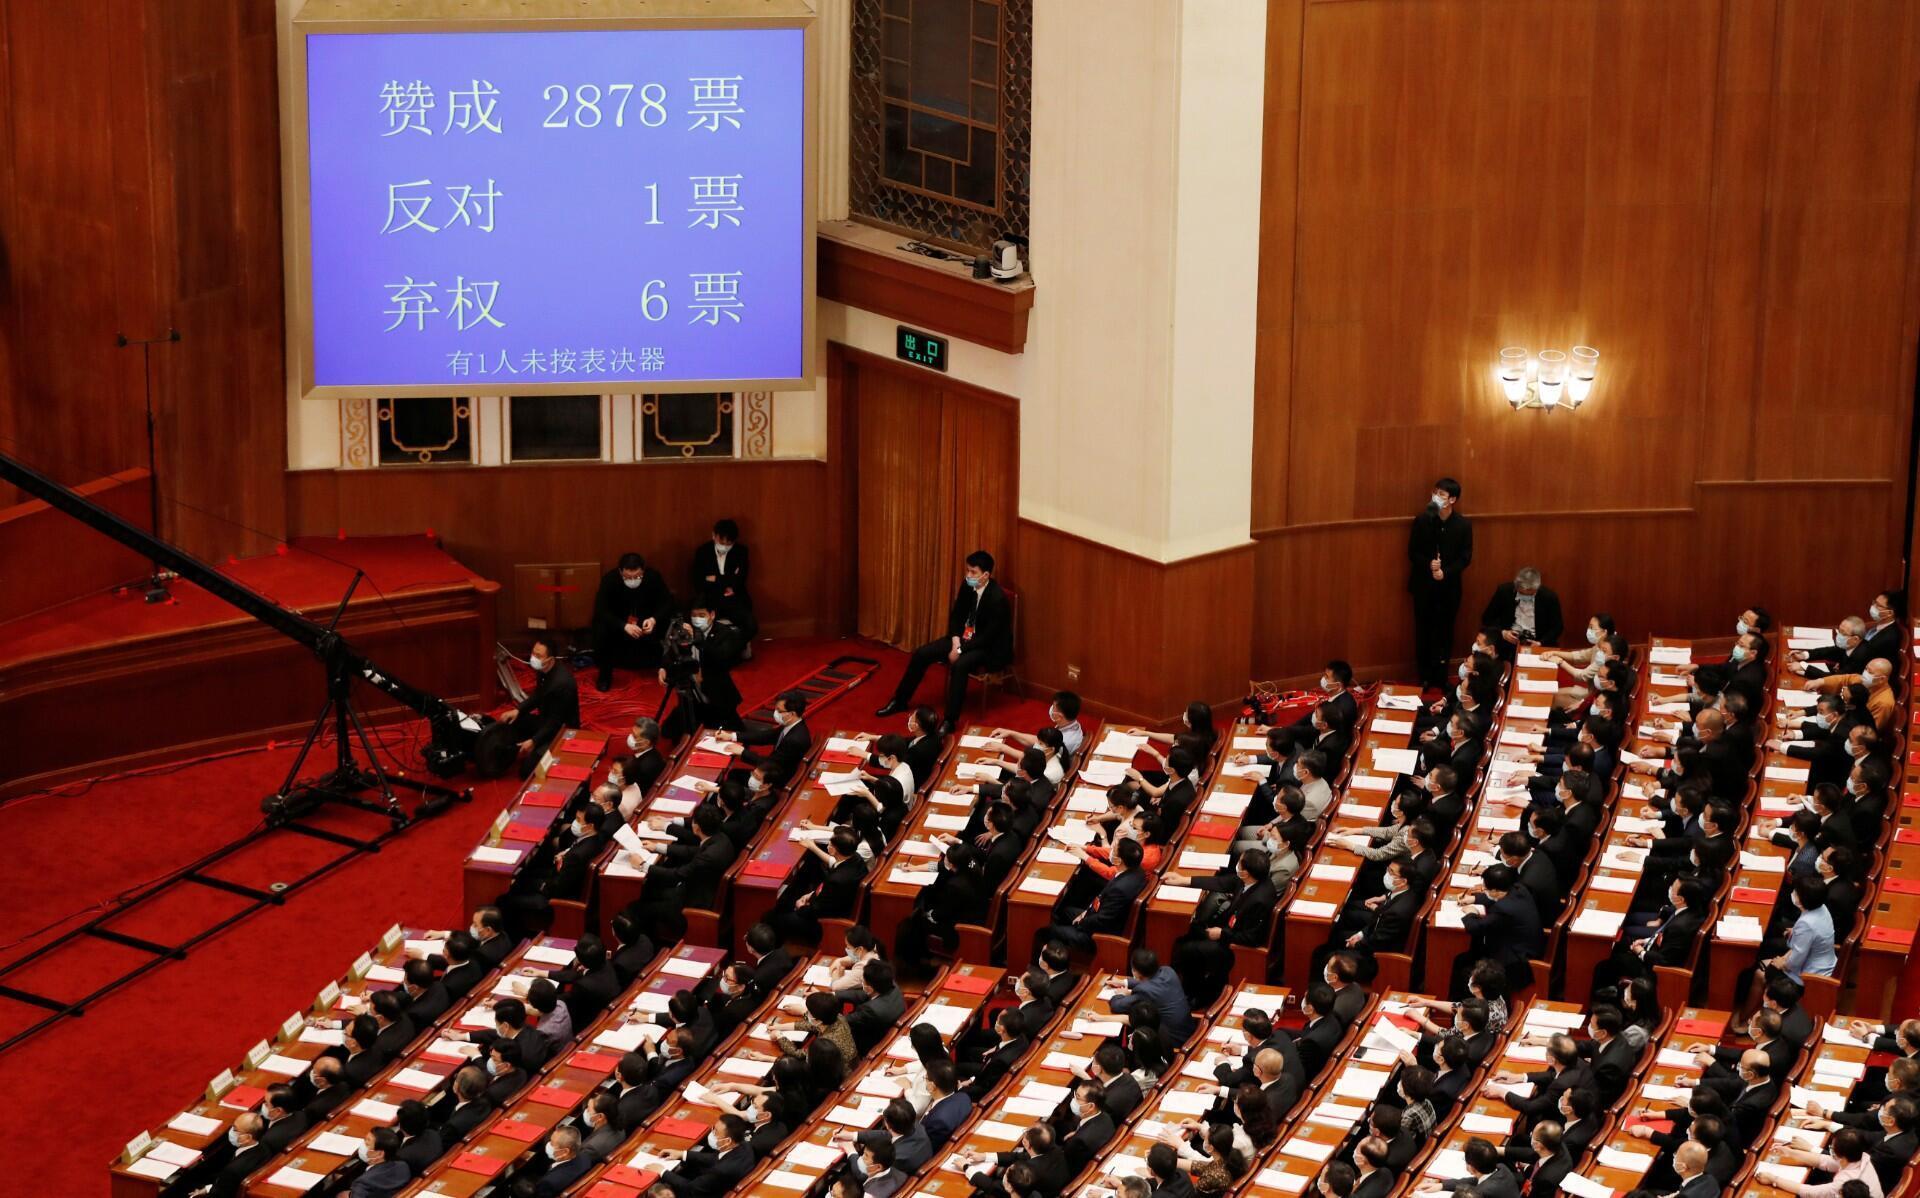 Una pantalla muestra los resultados de la votación en el Gran Salón del Pueblo en Beijing, China, el 28 de mayo de 2020.